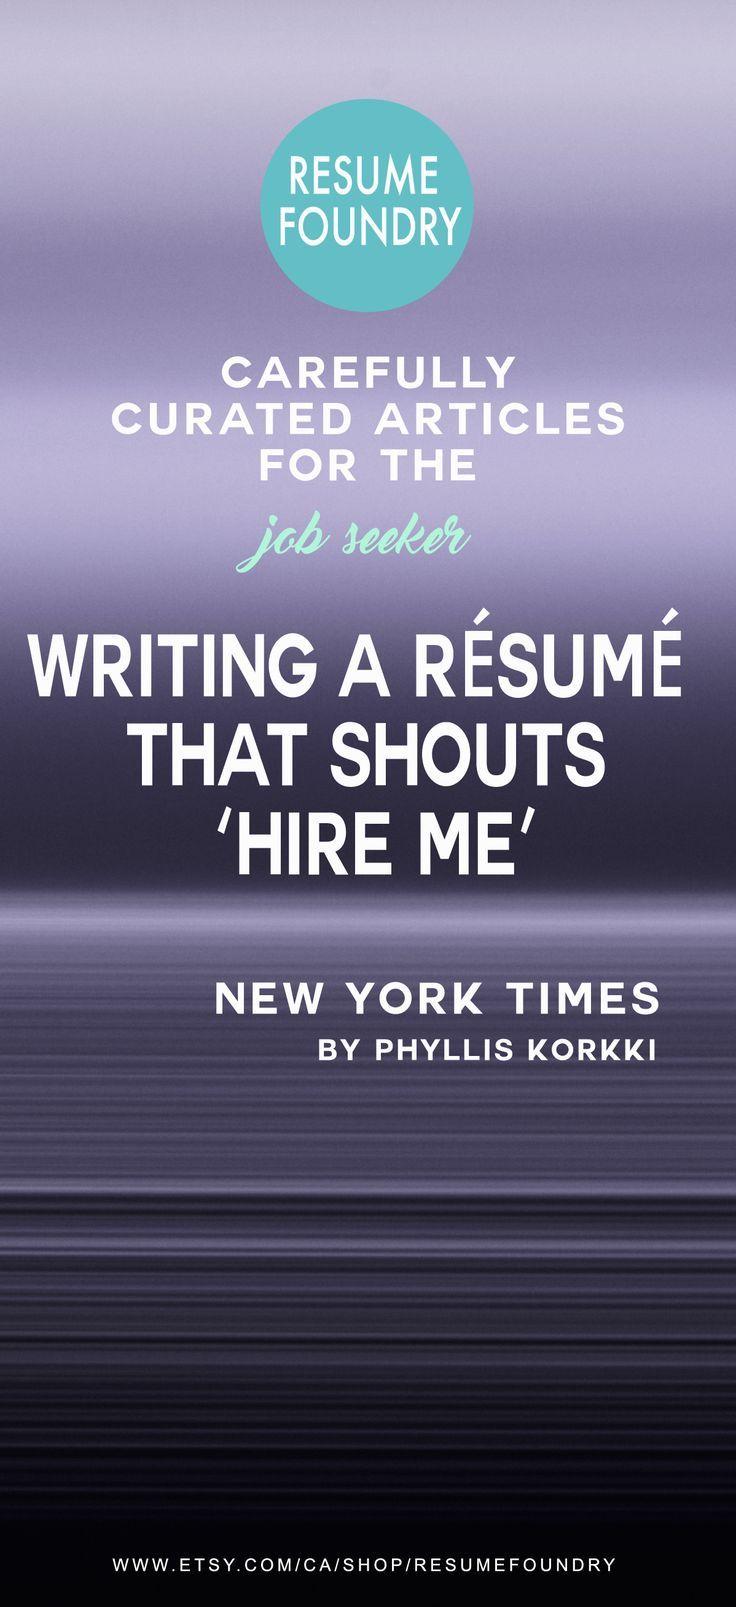 Writing a Résumé That Shouts 'Hire Me' Resume, Writing